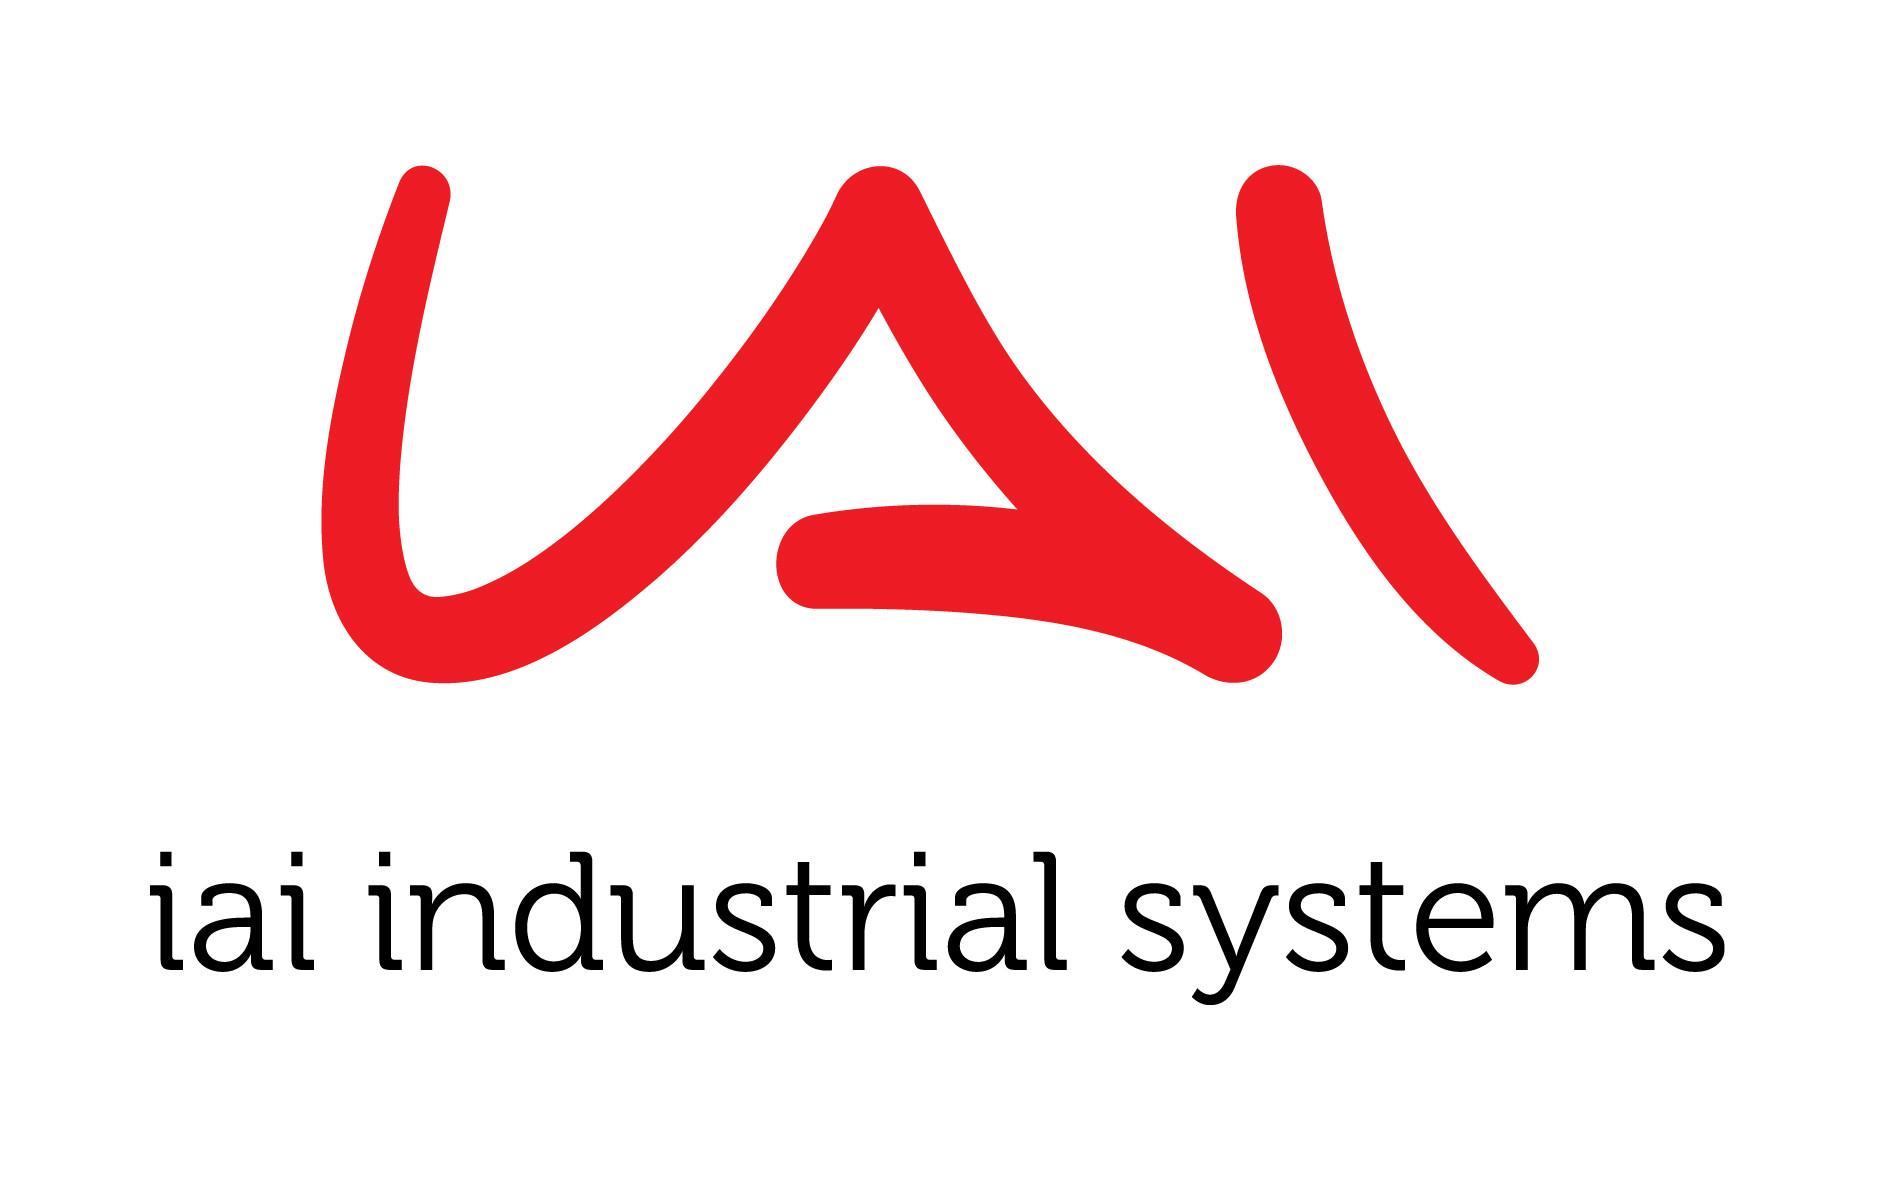 IAI Industrial